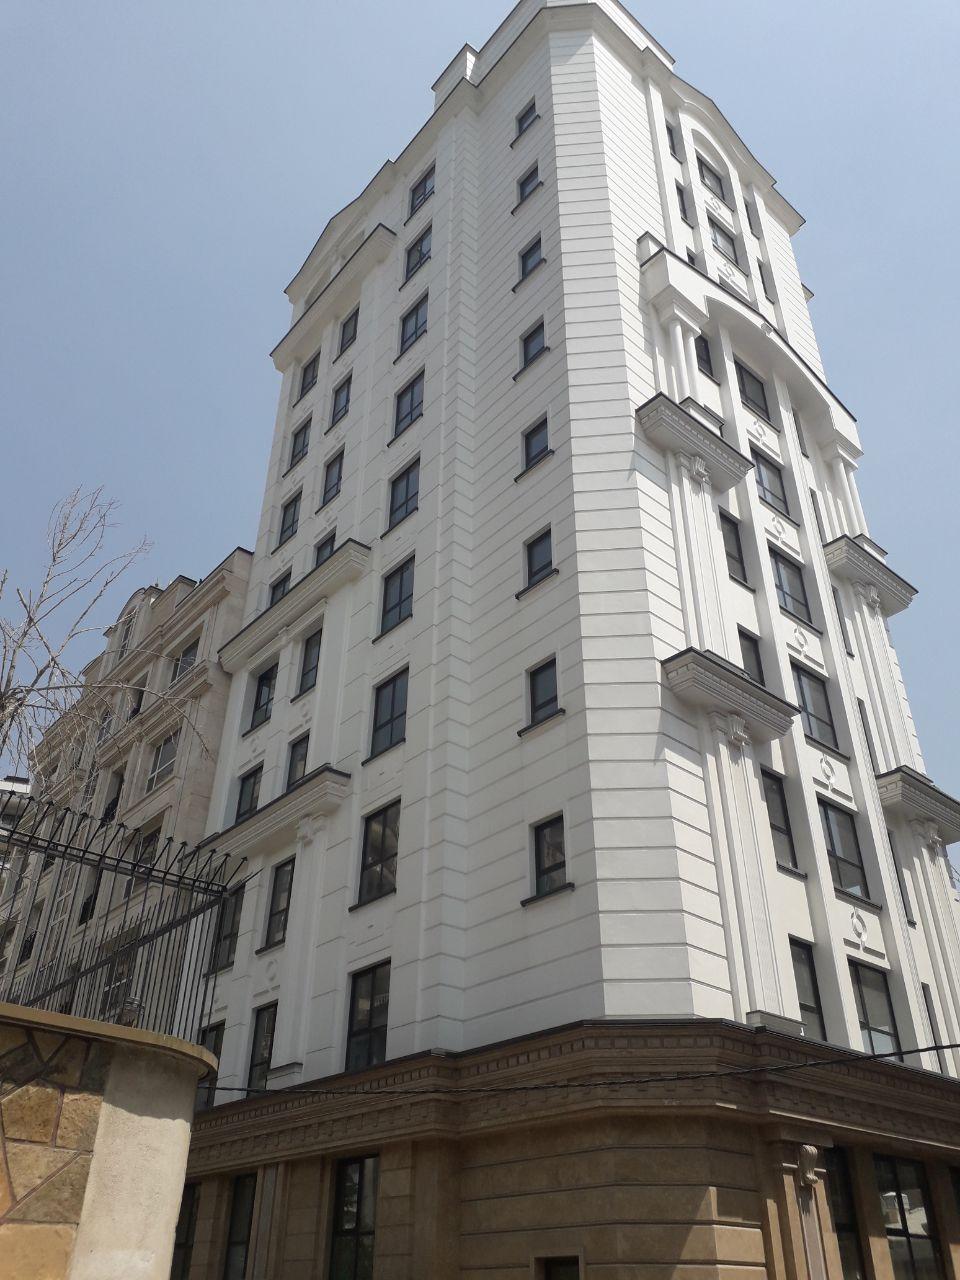 فروش رنگ کنیتکس اصفهان